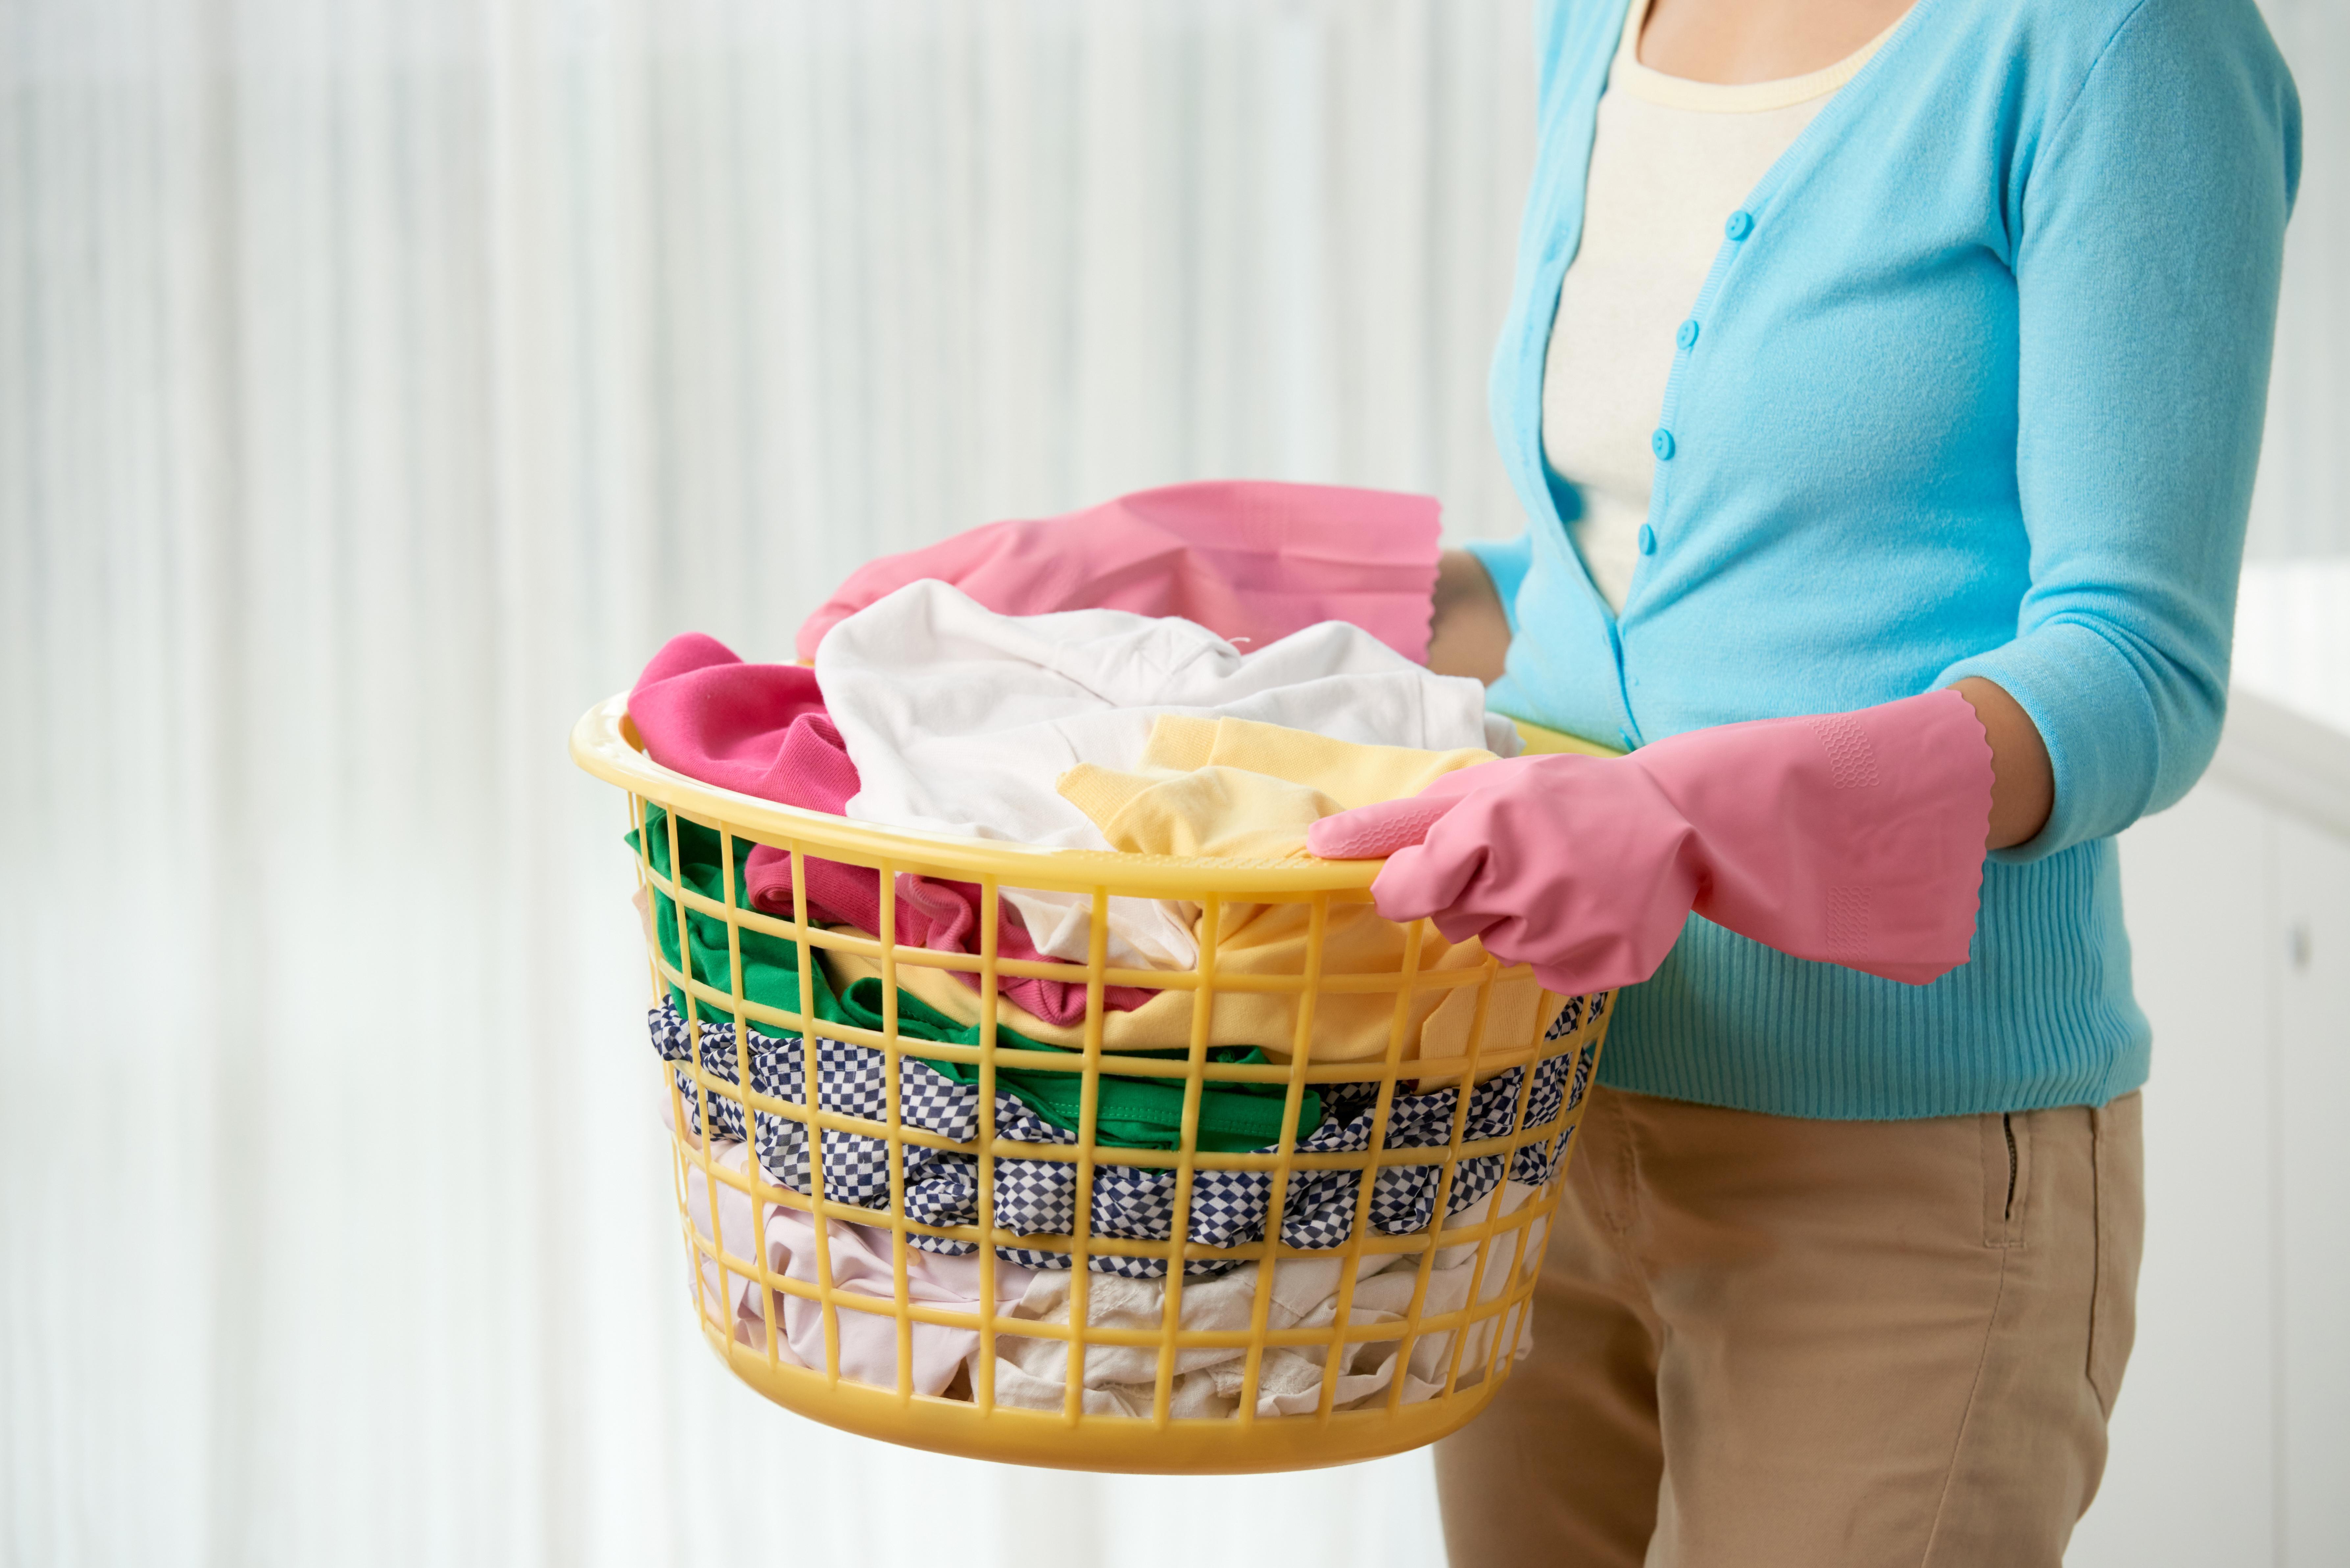 Tudo o que é necessário é uma boa organização quer das rotinas ao cuidar da sua roupa, quer do seu tempo para esta tarefa. A Roupa a Girar hoje apresenta-lhe algumas dicas úteis para tornar a sua lava